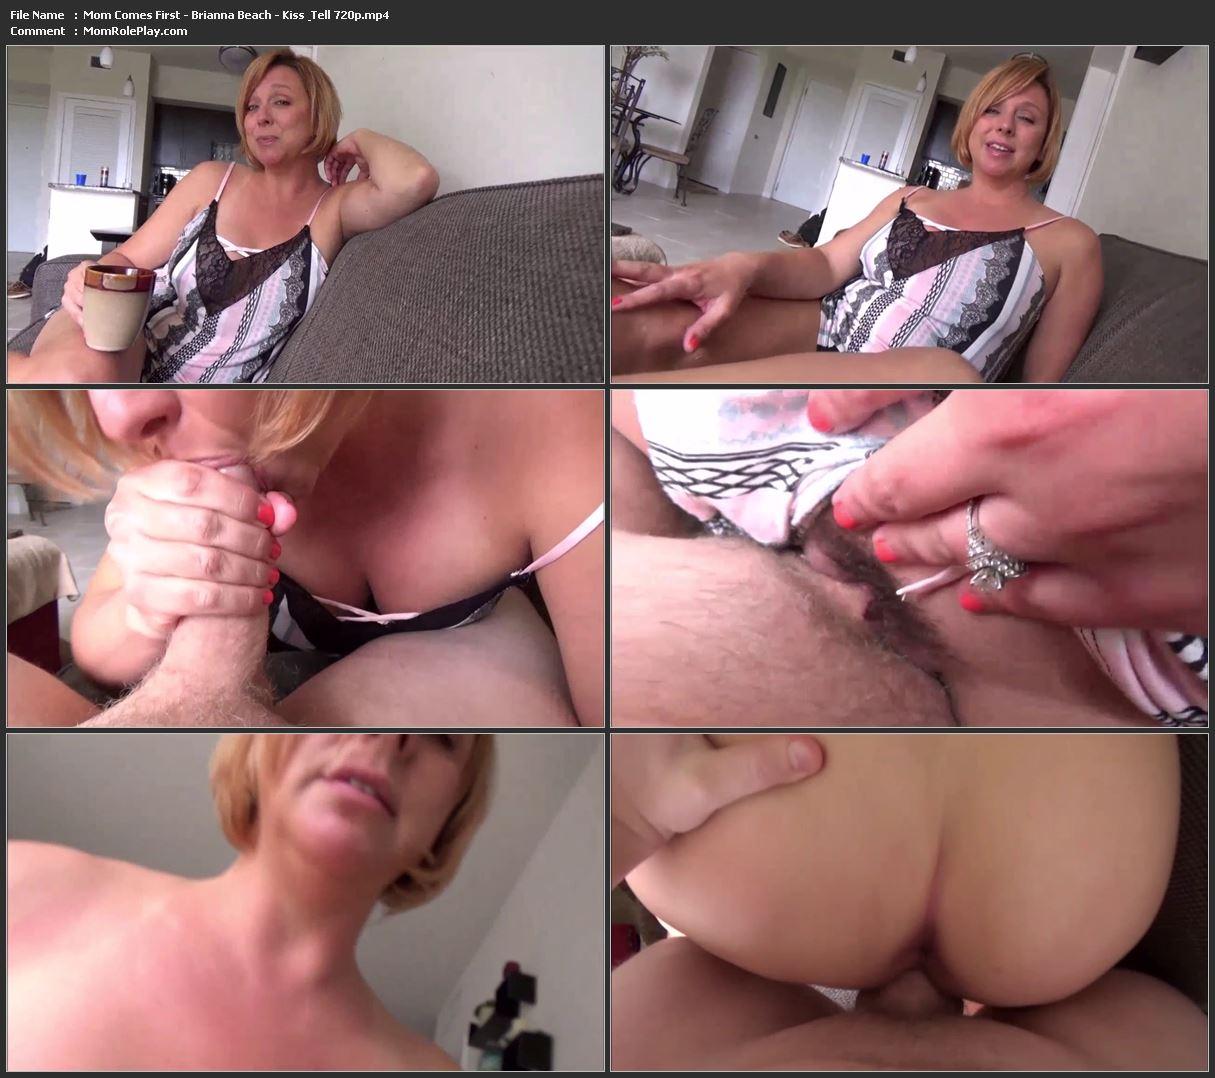 Mom Comes First - Brianna Beach - Kiss & Tell 720p